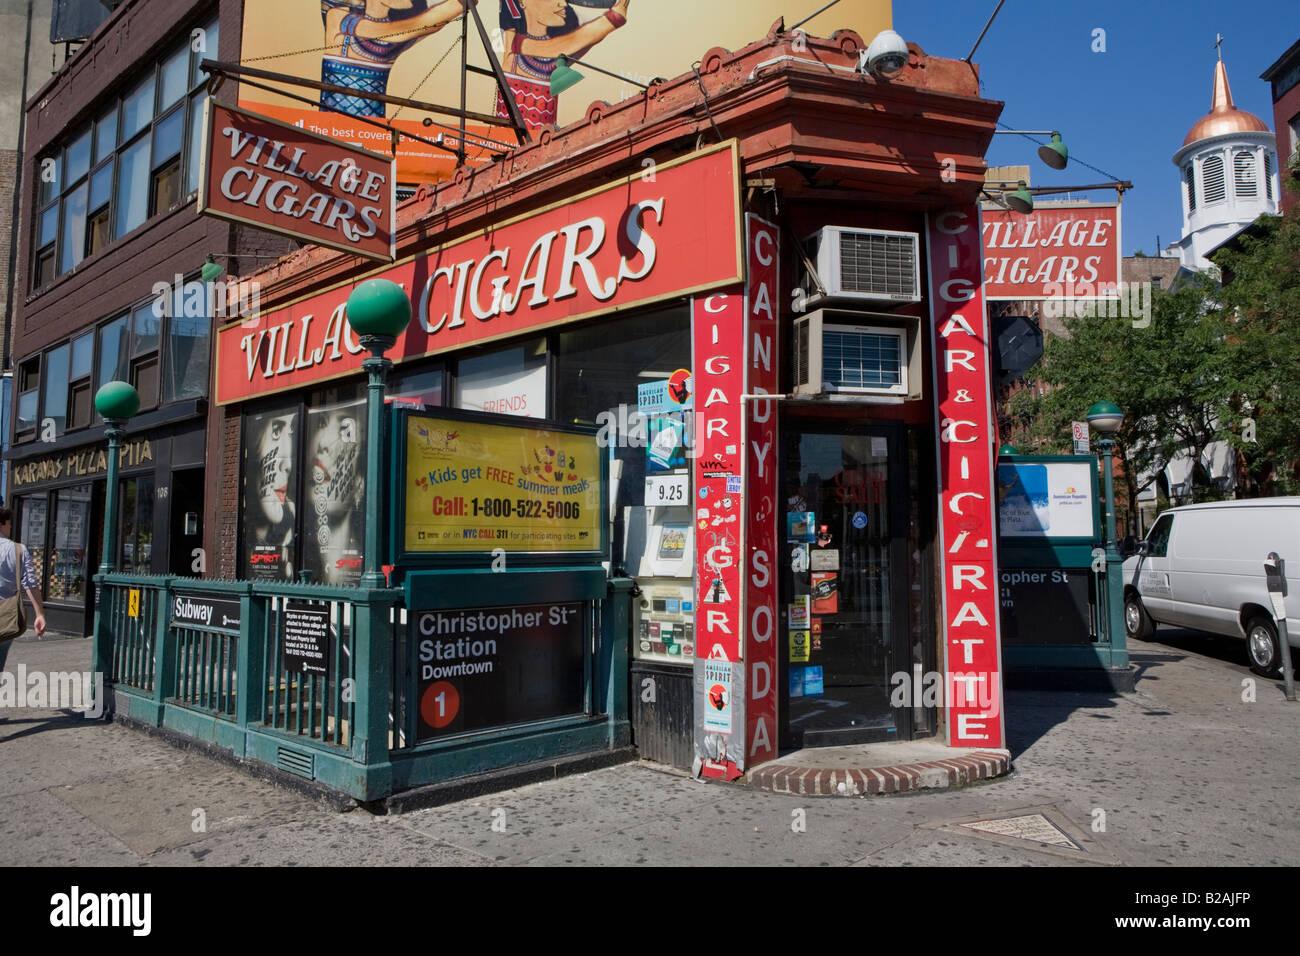 Dorf Zigarren, ein Wahrzeichen neben dem Sheridan Square für fast 100 Jahre, West Village, New York City Stockbild